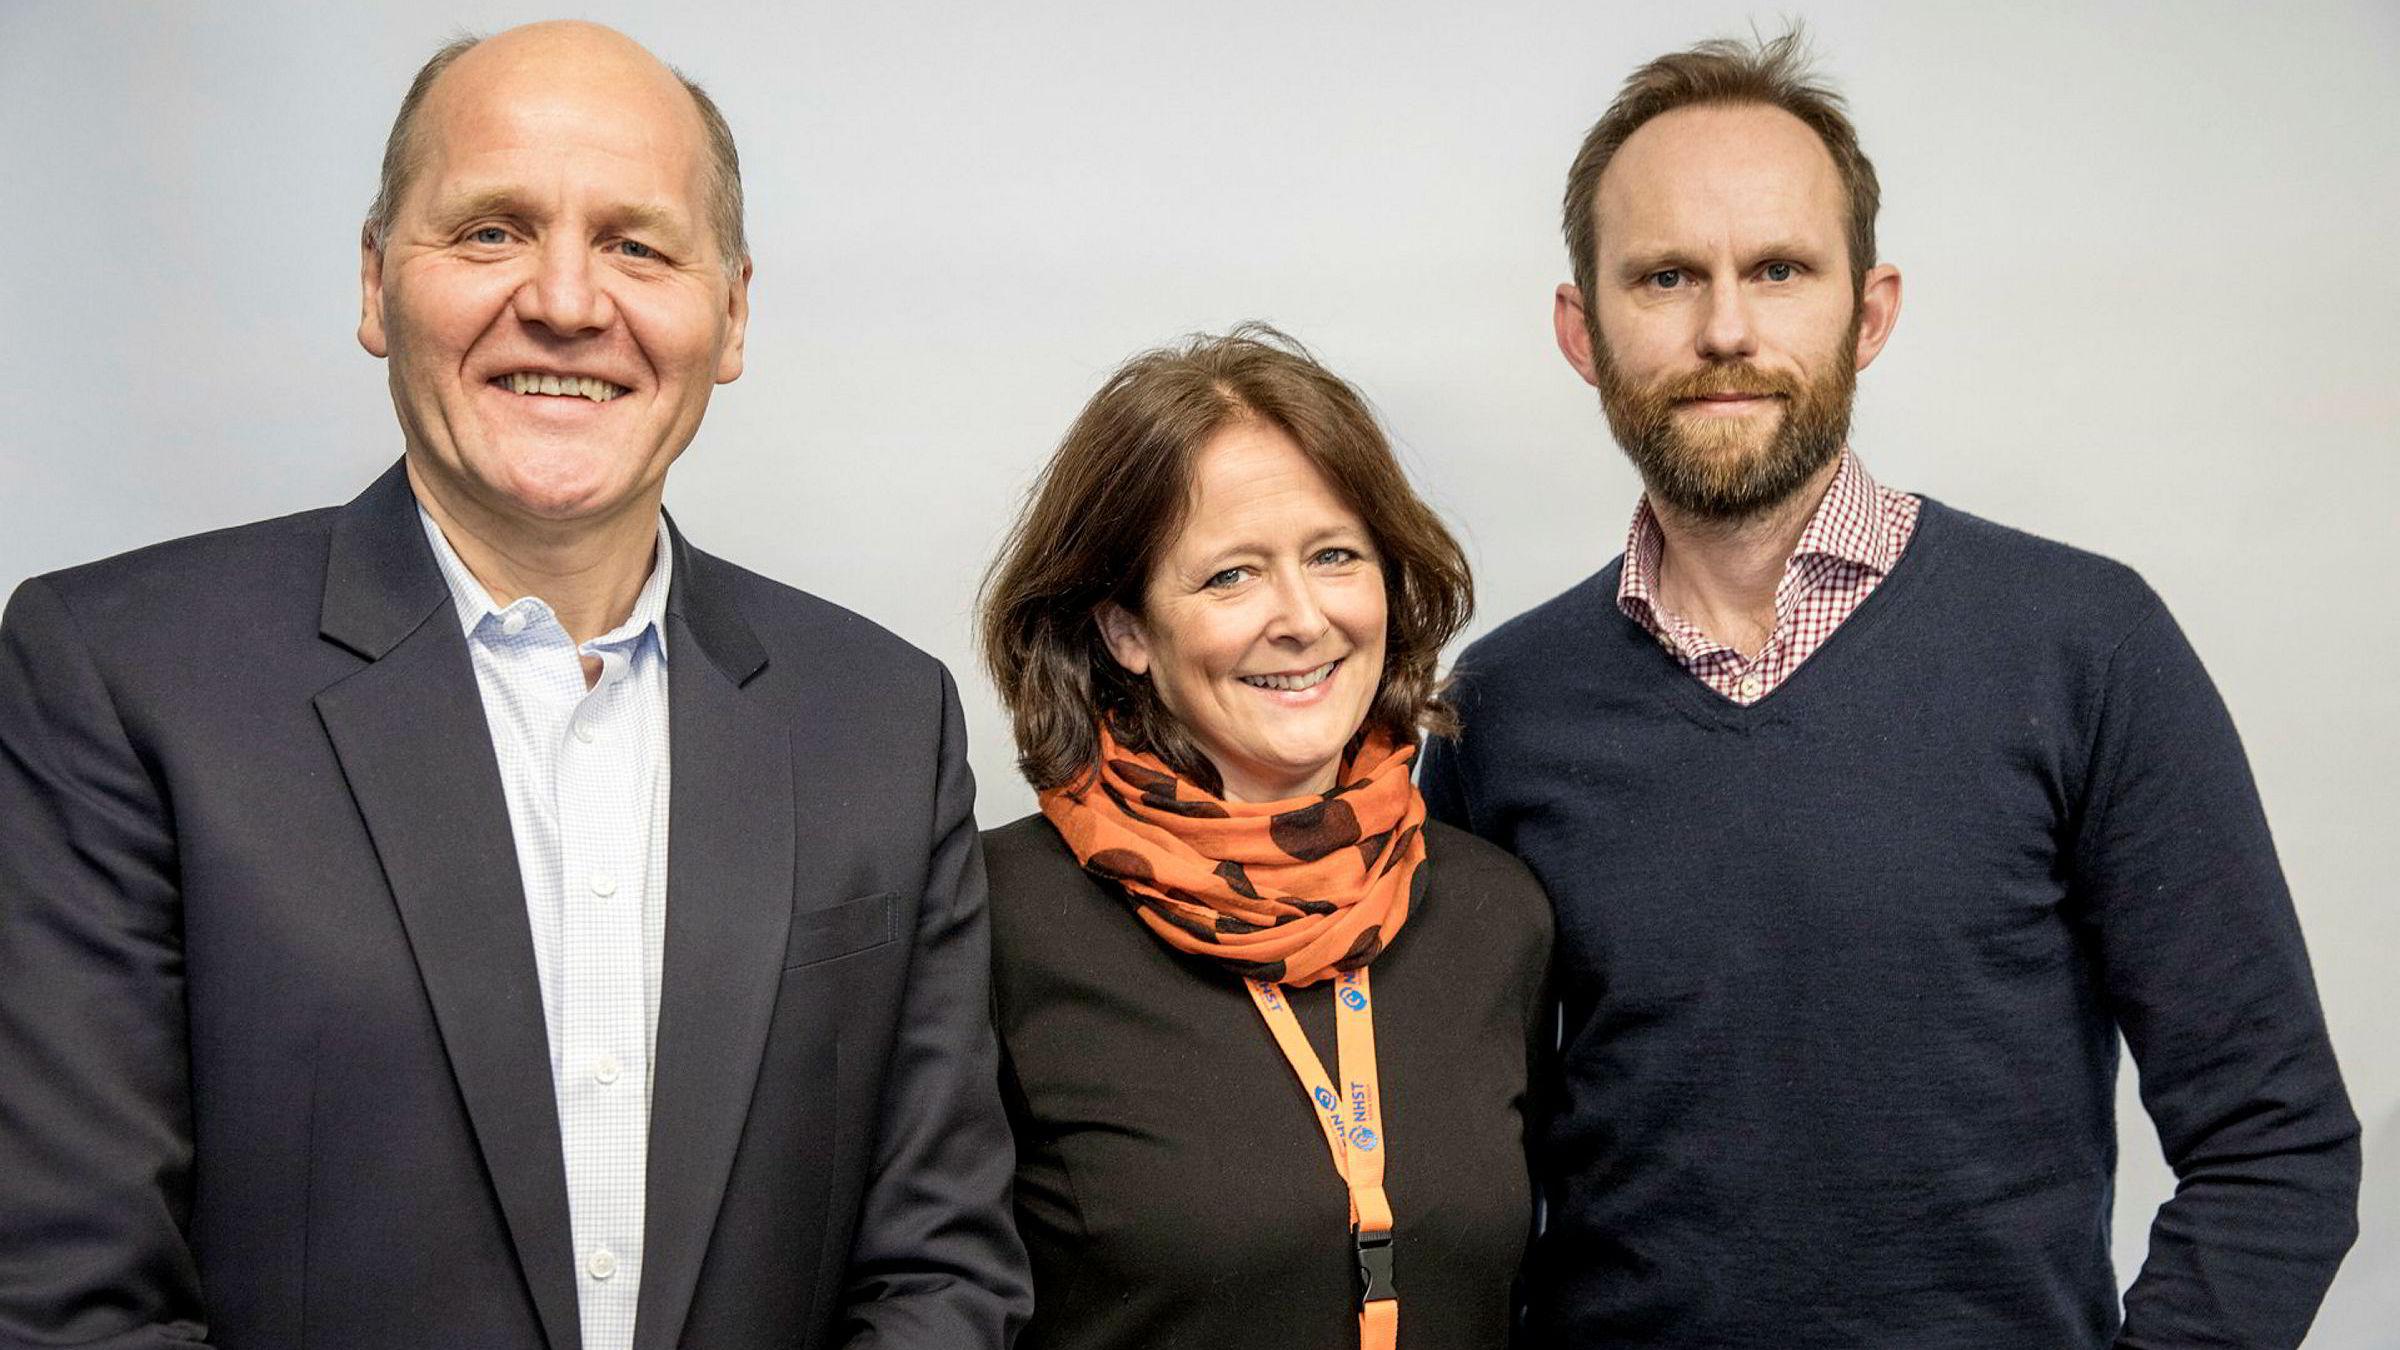 Telenor-sjef Sigve Brekke og DN-kommentatorene Eva Grinde og Bård Bjerkholt snakker om den digitale omstillingen Telenor står overfor i podkasten Finansredaksjonen.